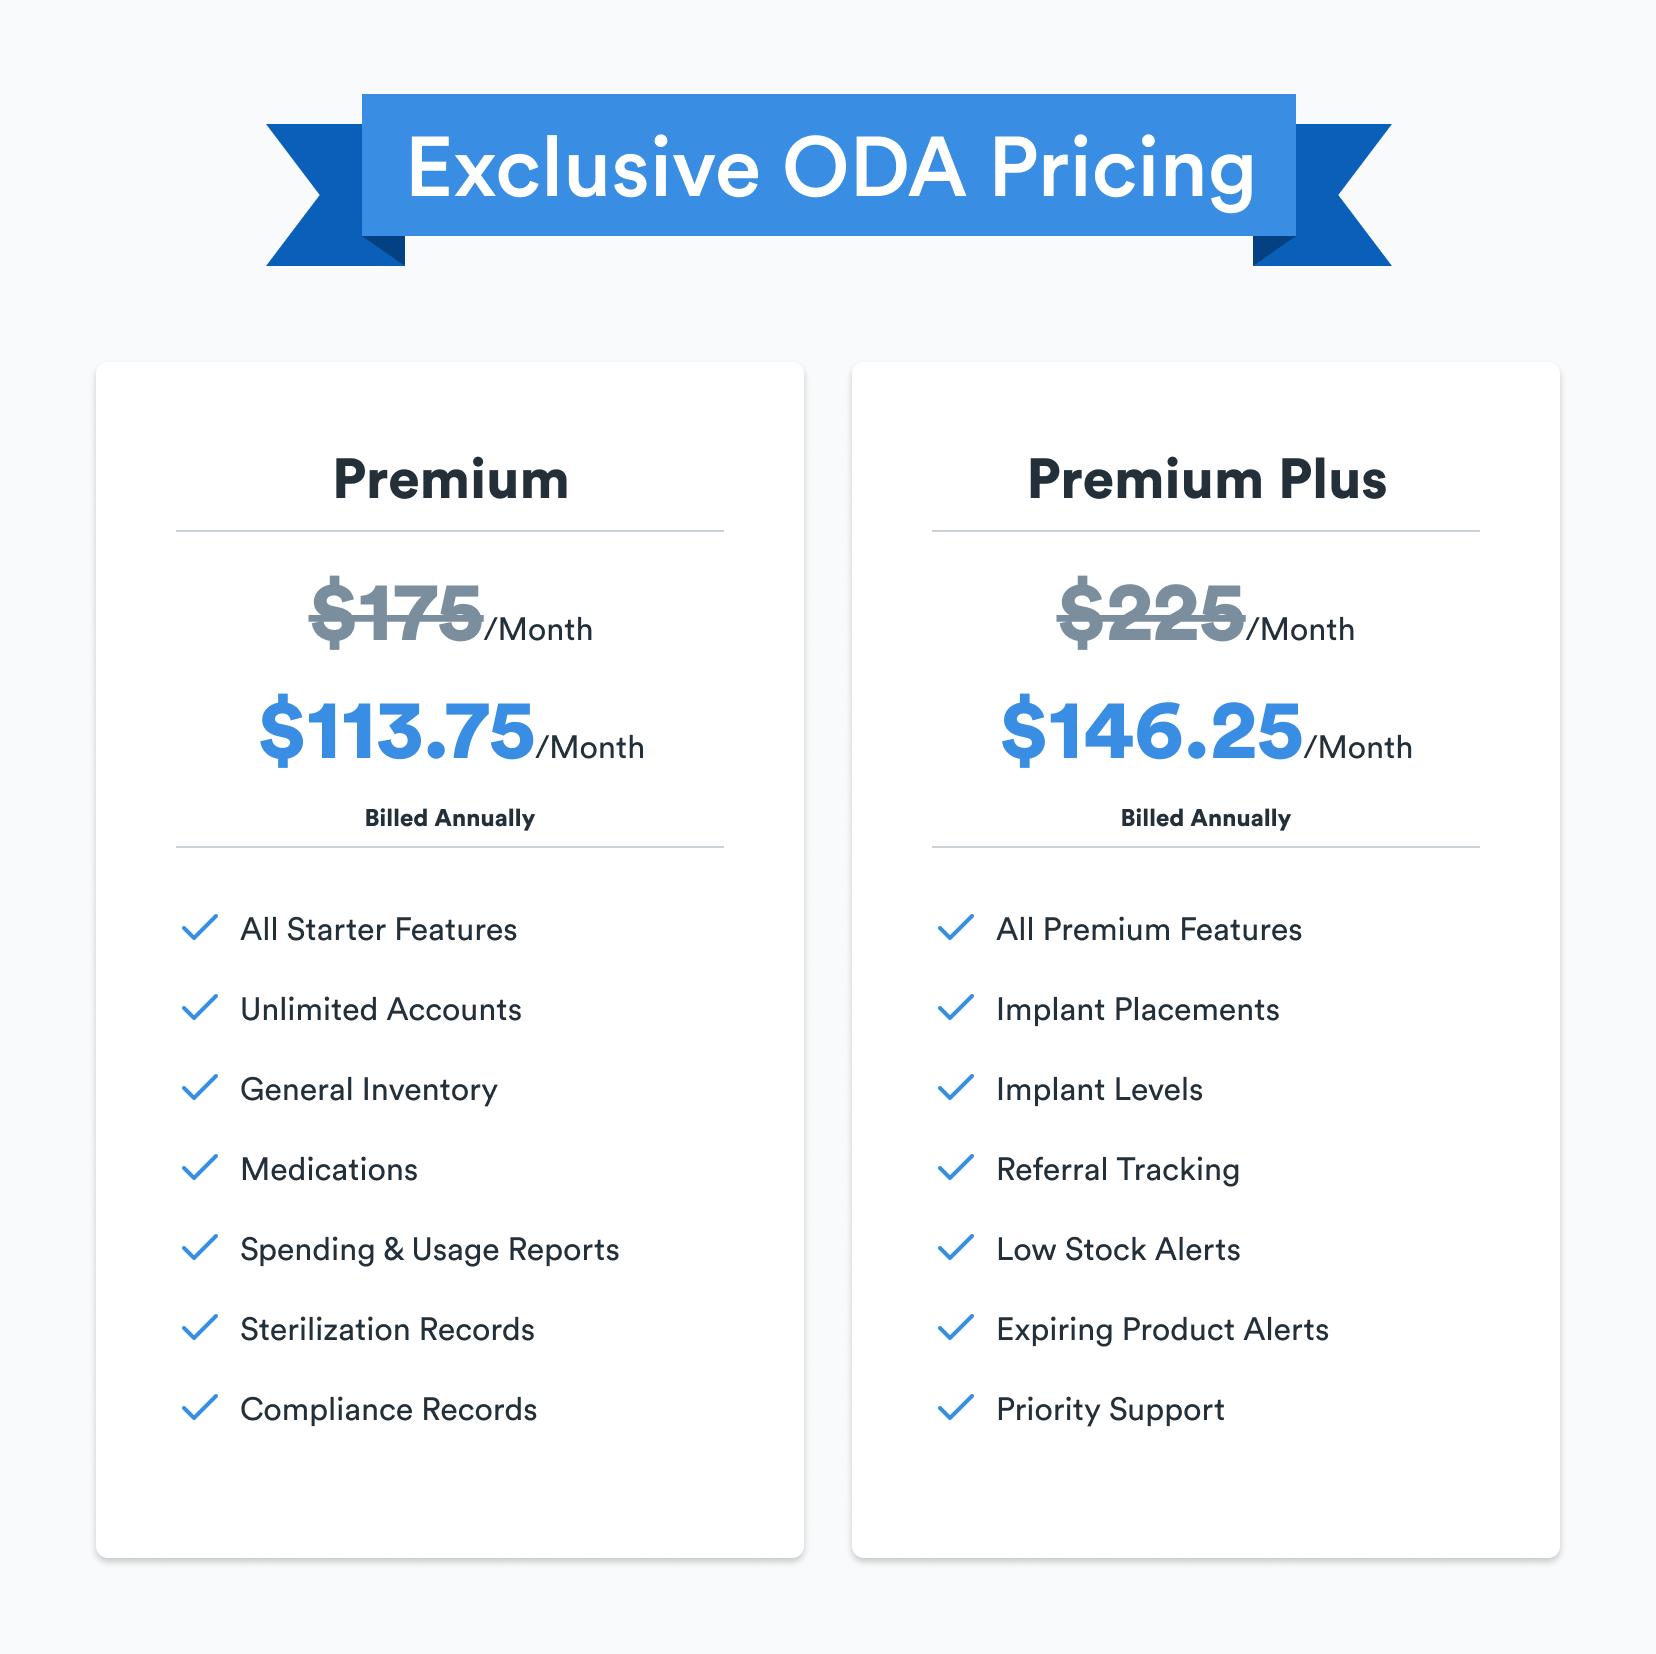 oda member pricing for premium and premium plus plans